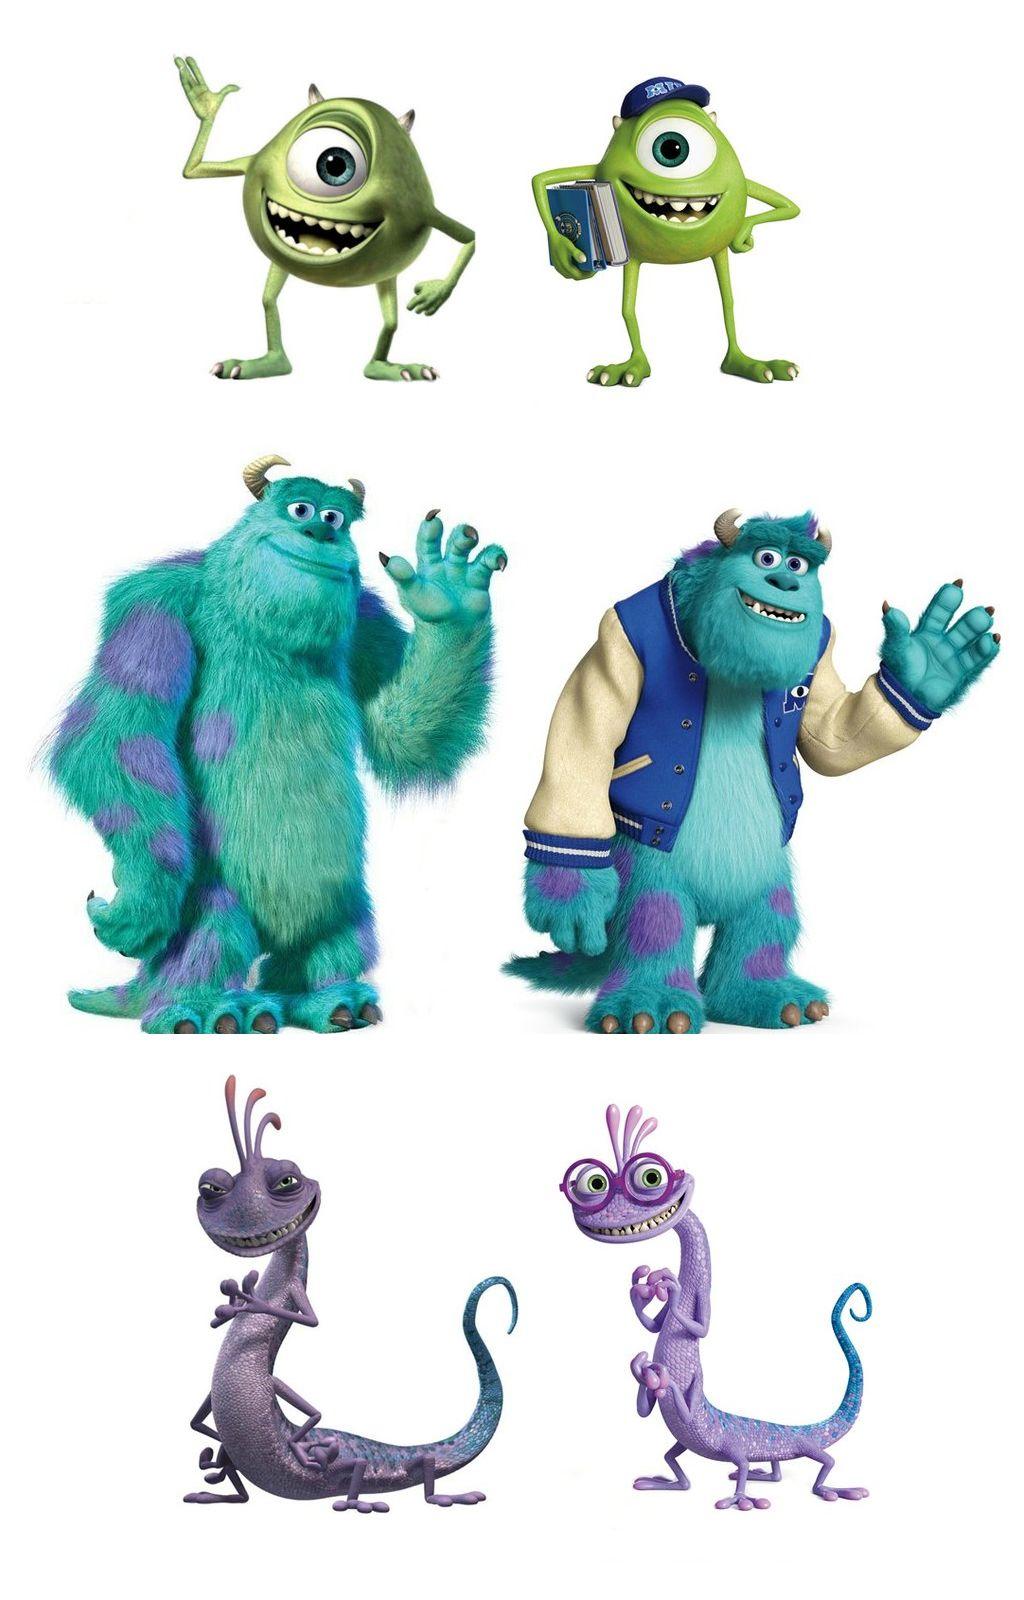 Pin De Rob Scheribel Em Pixar Love Quadrinhos Herois Malvado